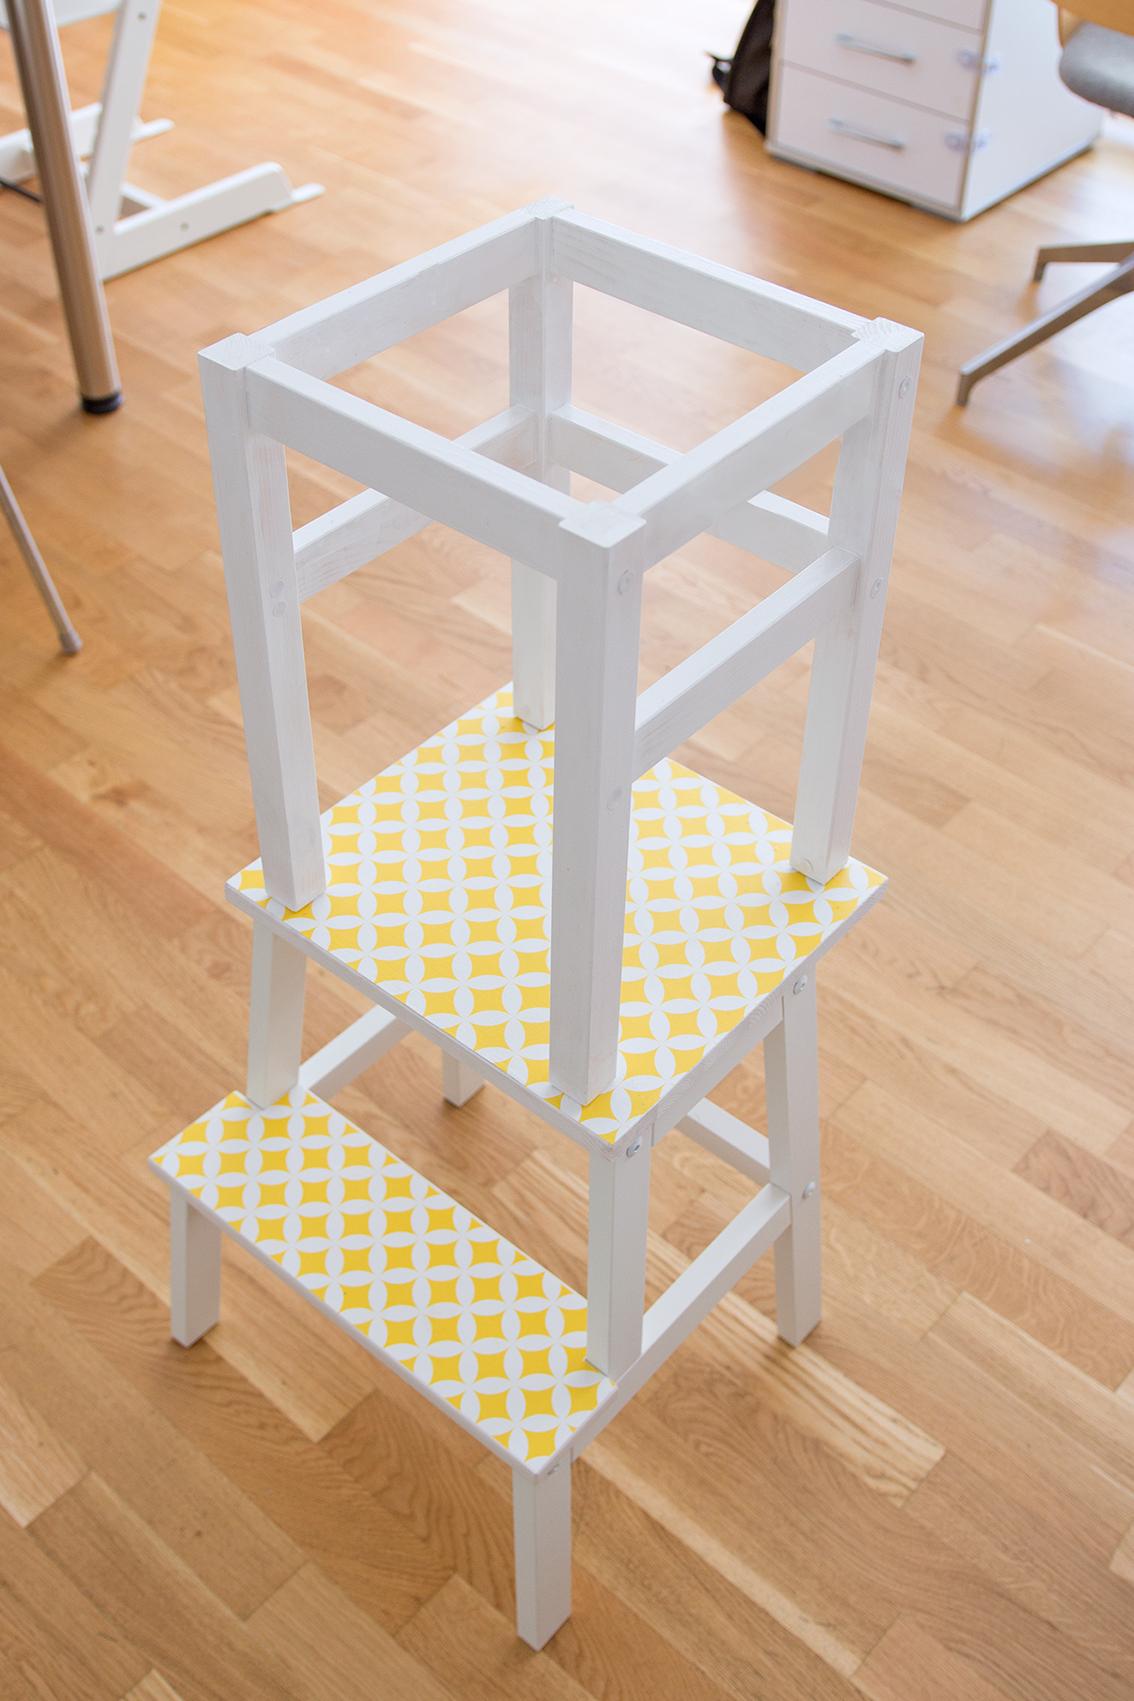 Full Size of Stehhilfe Ikea Lernturm Selber Bauen Hack Aus Zwei Hockern Mit Einfacher Betten Bei Küche Kosten Modulküche Kaufen Sofa Schlaffunktion 160x200 Miniküche Wohnzimmer Stehhilfe Ikea